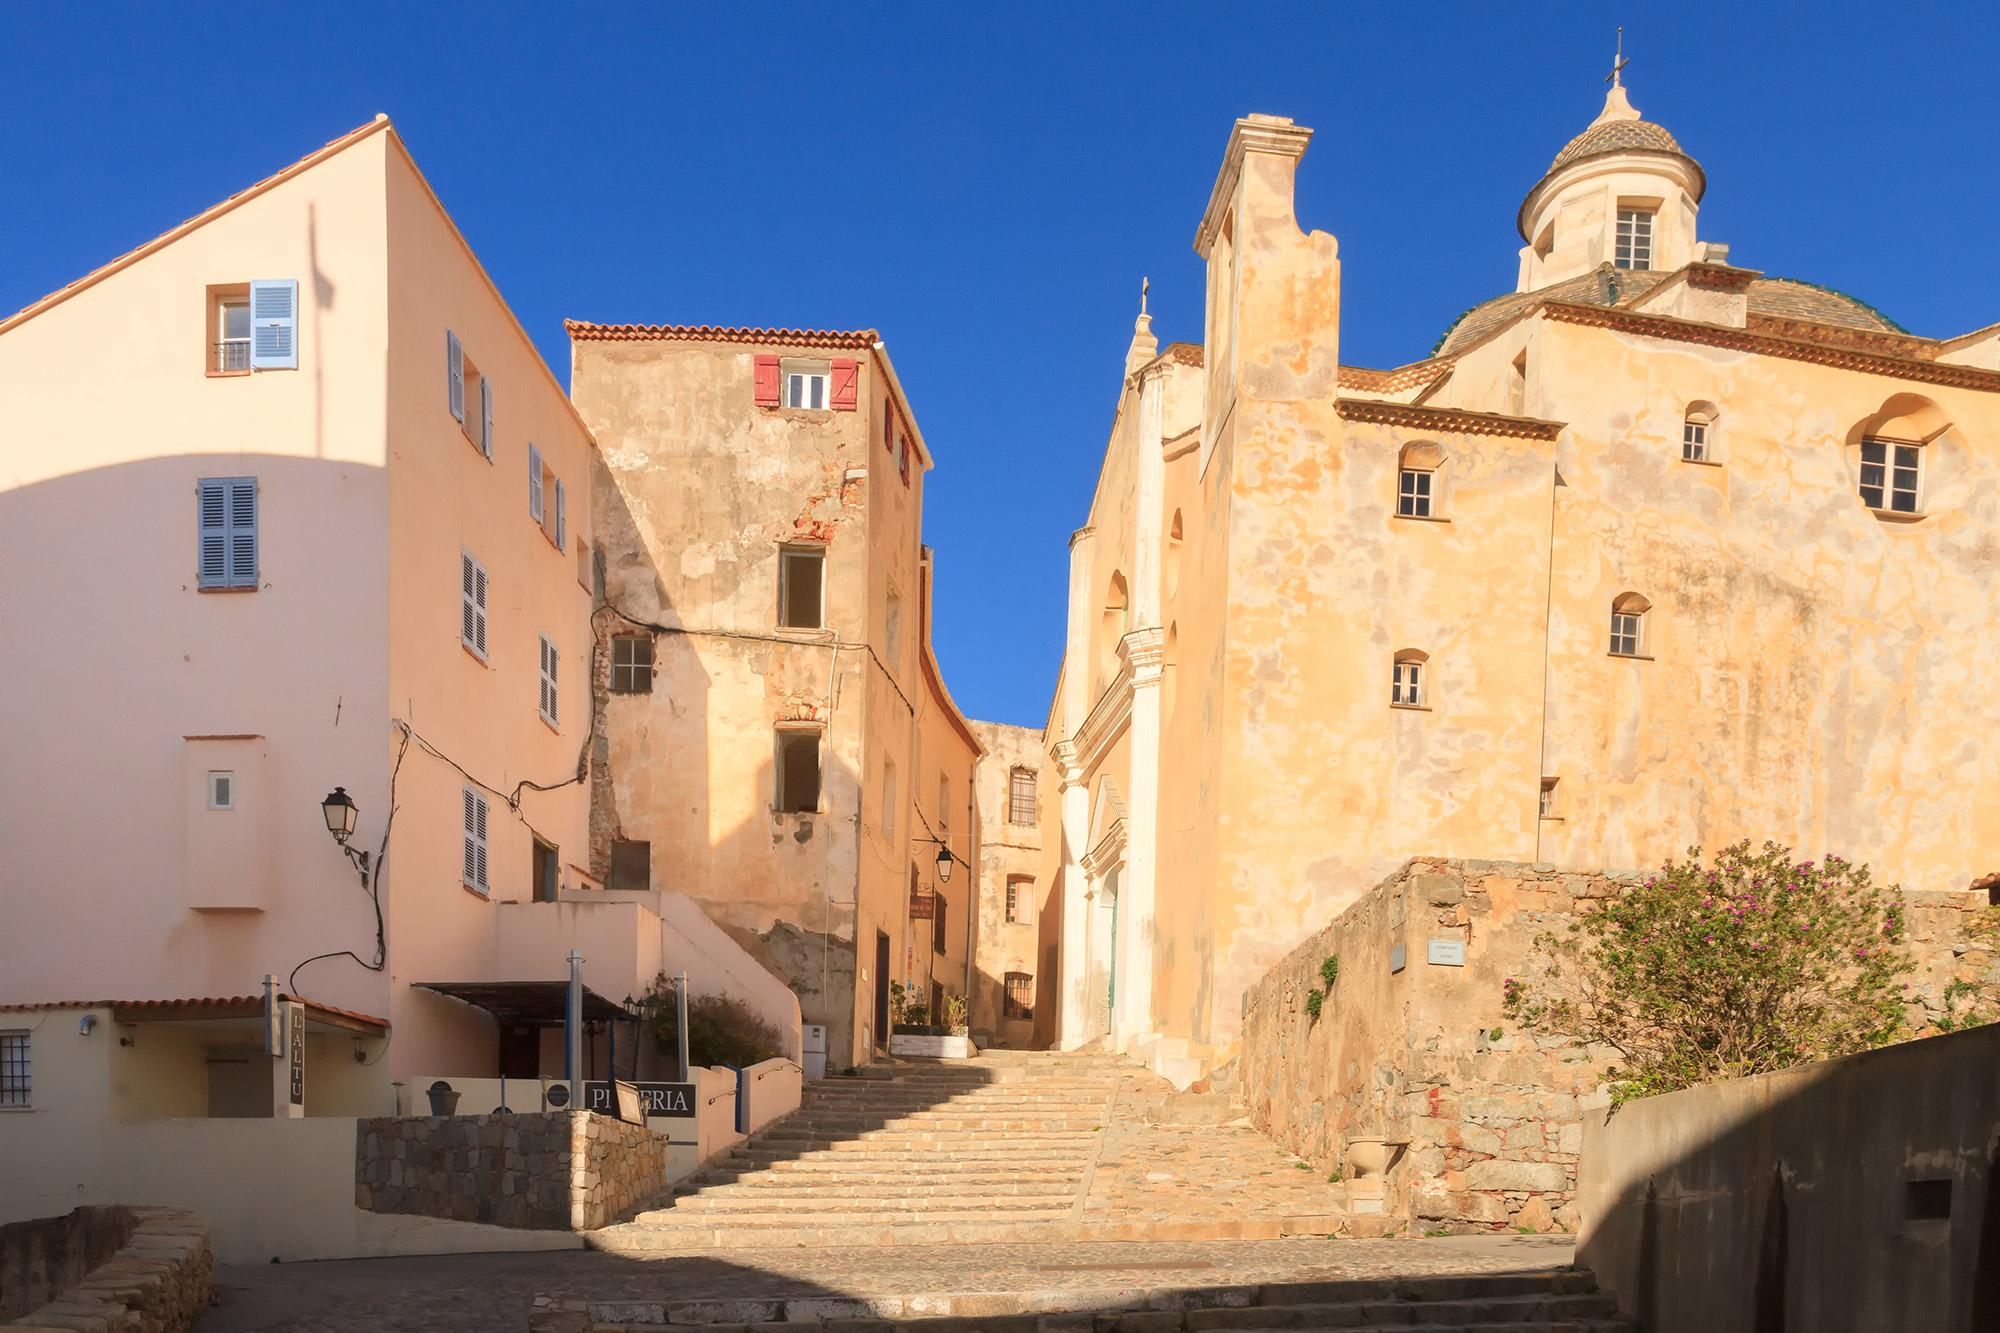 Ville de type médiéval avec cathédrale.